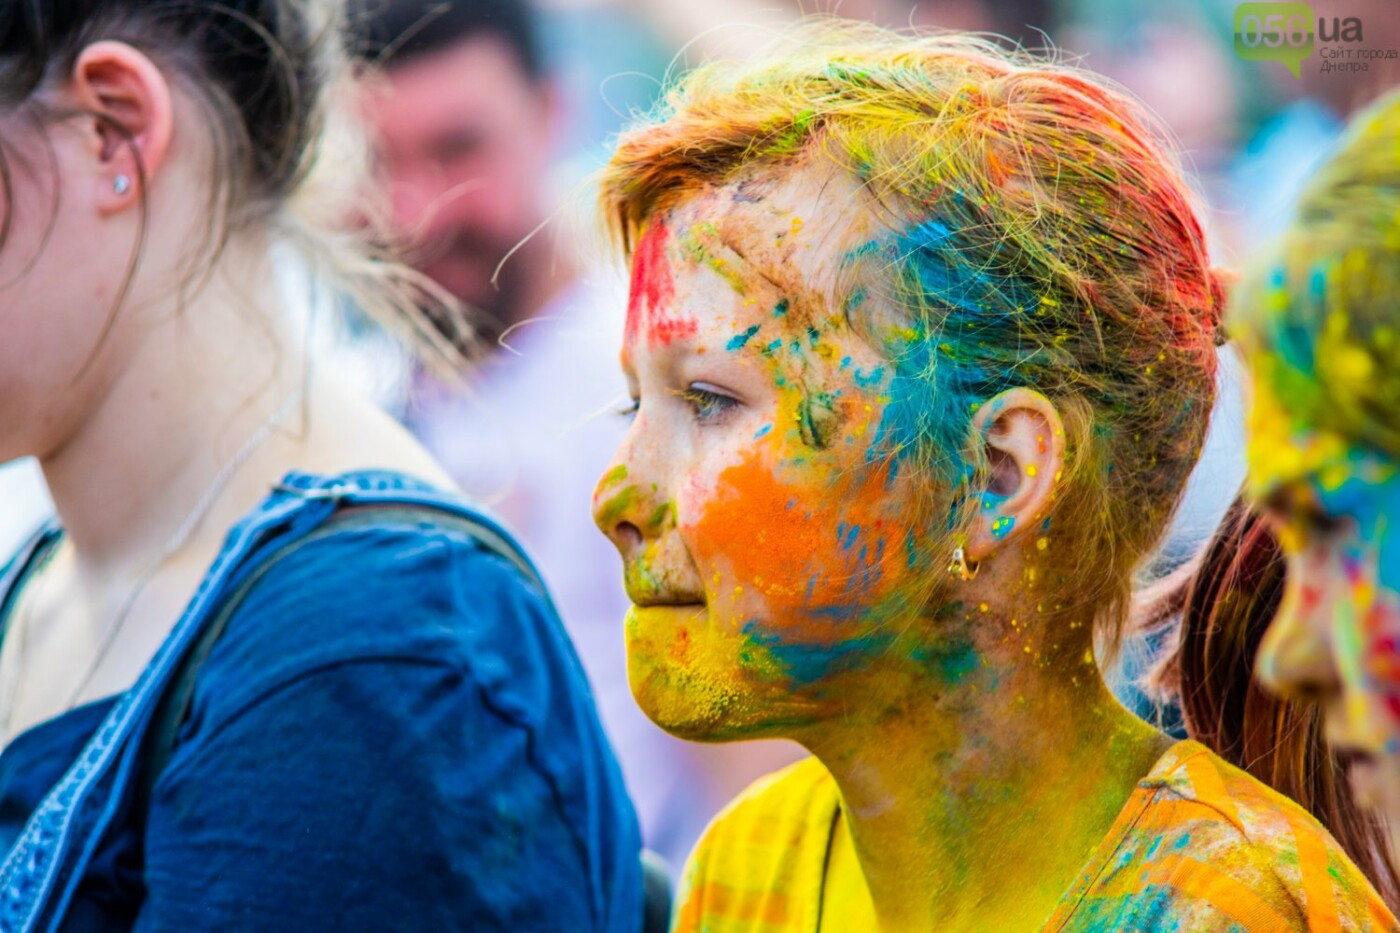 Фестиваль красок и свадьбы: как в Днепре прошел День молодежи, - ФОТОРЕПОРТАЖ, ВИДЕО, фото-10